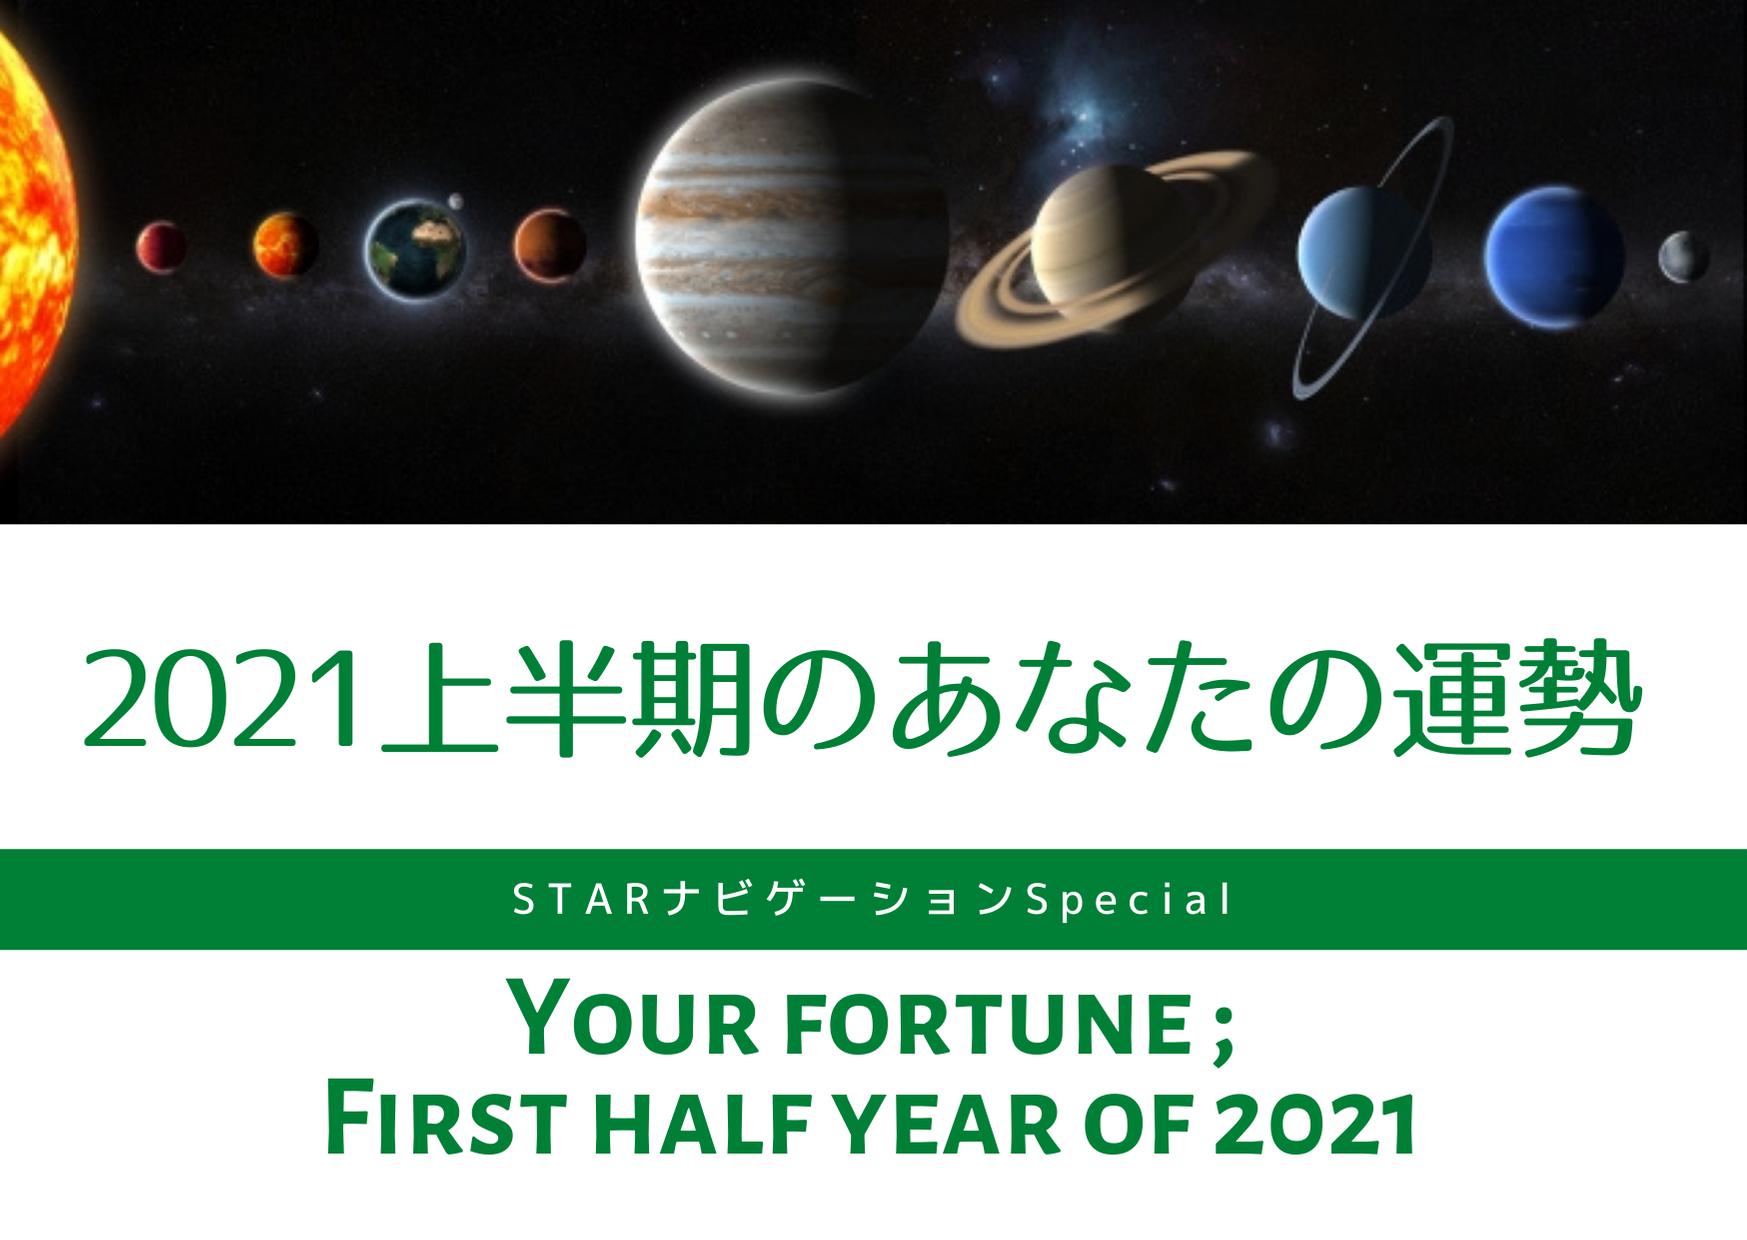 <受付終了>2021年上半期のあなたの運勢